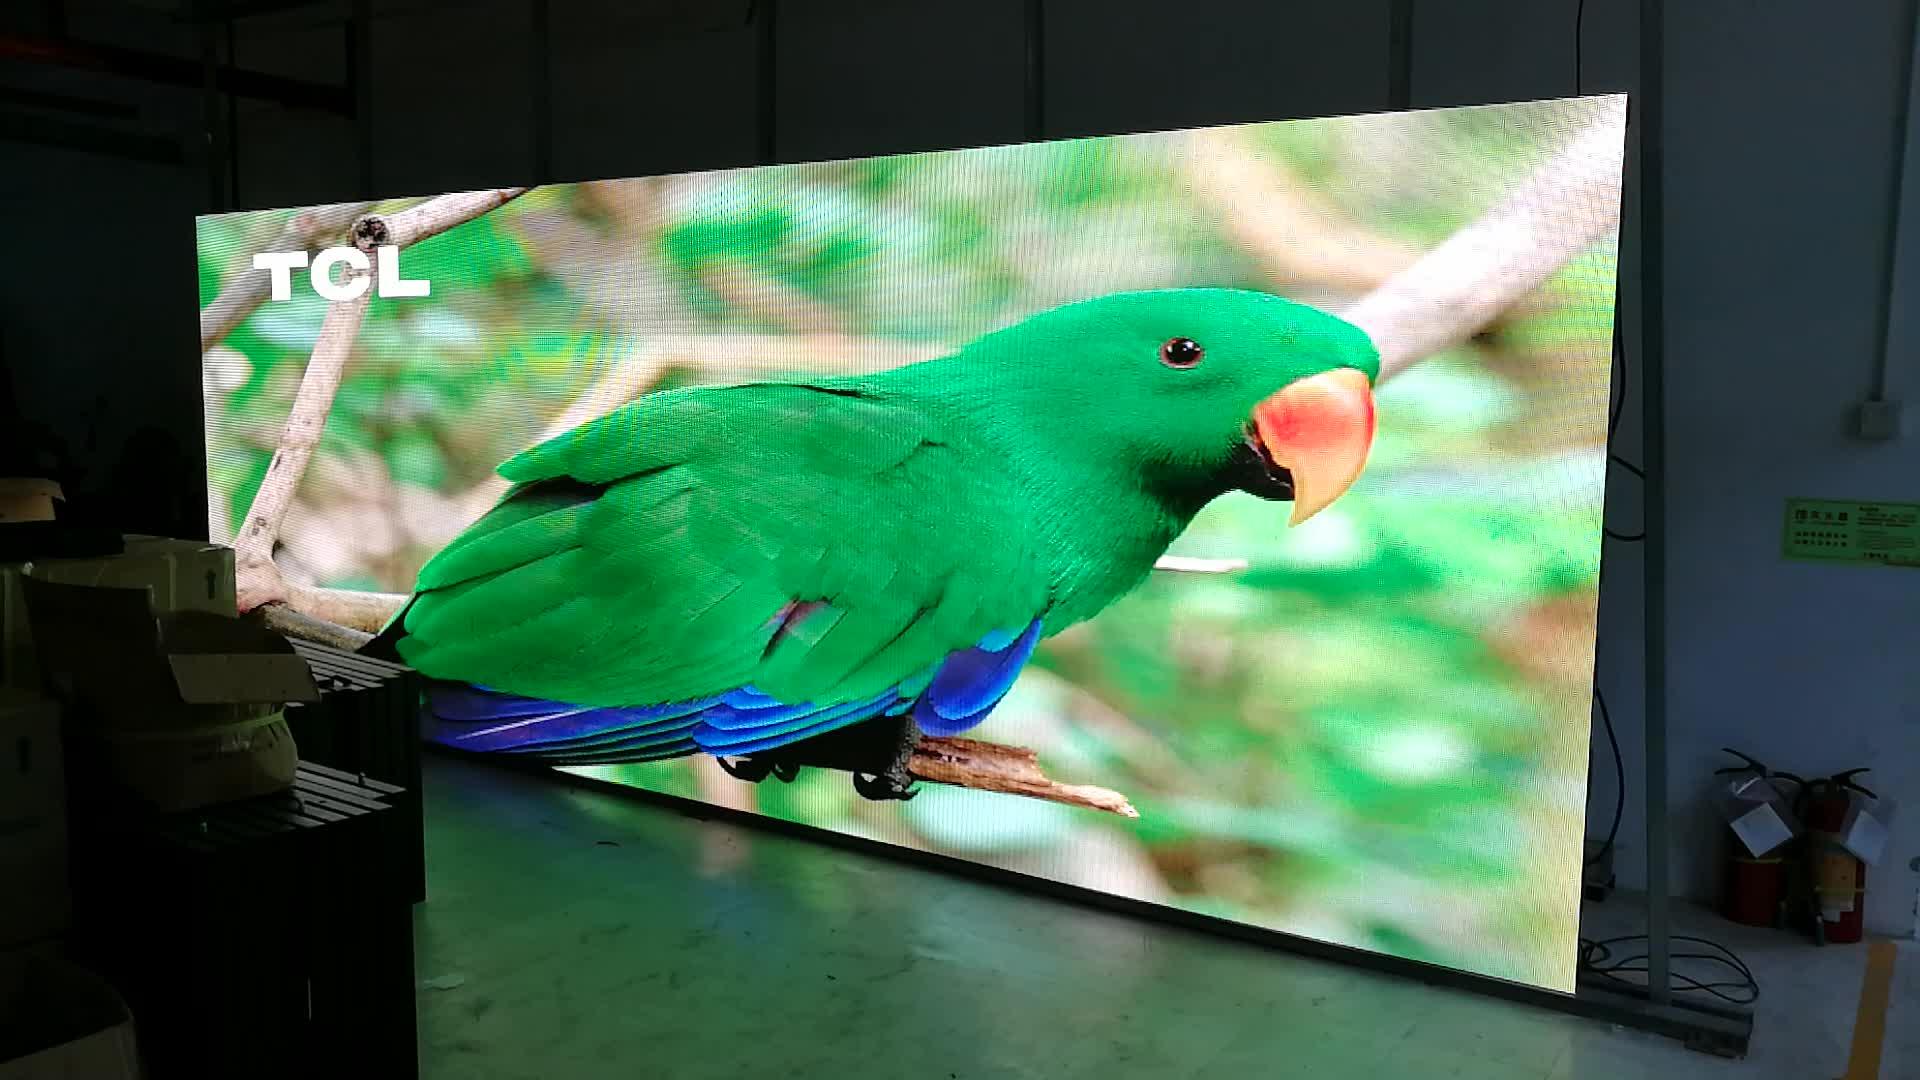 P4.81 outdoor waterproof Die-casting Aluminum Rental Led Display screen